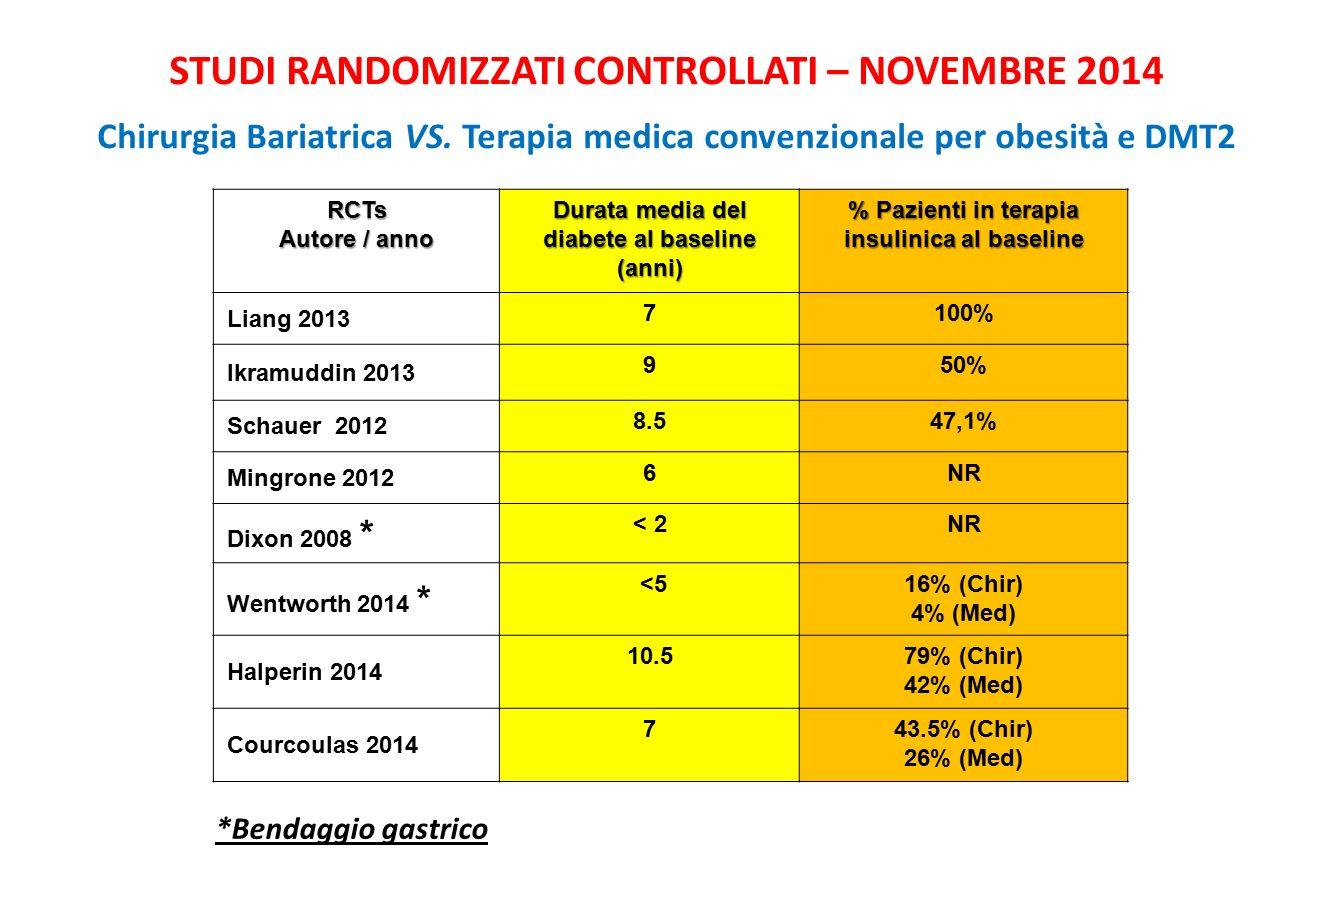 RCTs Autore / anno Durata media del diabete al baseline (anni) % Pazienti in terapia insulinica al baseline Liang 2013 7100% Ikramuddin 2013 950% Schauer 2012 8.547,1% Mingrone 2012 6NR Dixon 2008 * < 2NR Wentworth 2014 * <516% (Chir) 4% (Med) Halperin 2014 10.579% (Chir) 42% (Med) Courcoulas 2014 743.5% (Chir) 26% (Med) STUDI RANDOMIZZATI CONTROLLATI – NOVEMBRE 2014 Chirurgia Bariatrica VS.